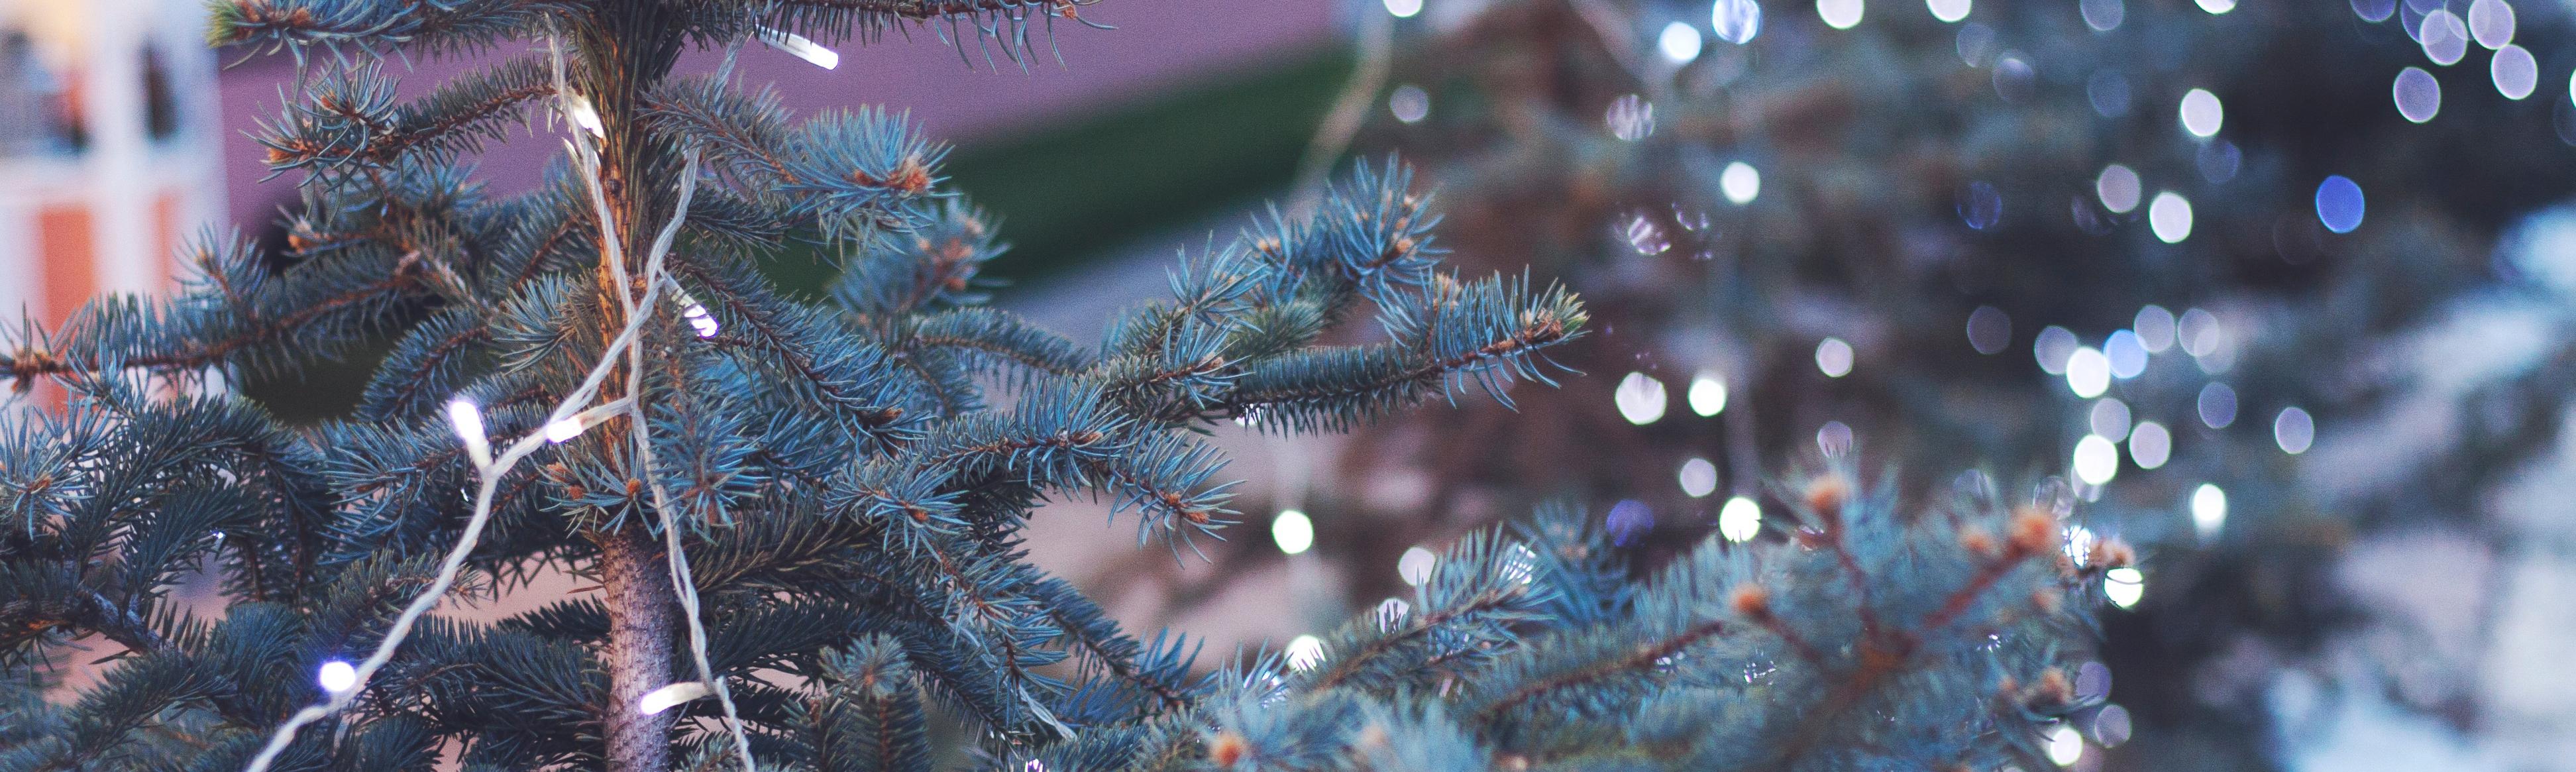 kerstmarkten kerstboom